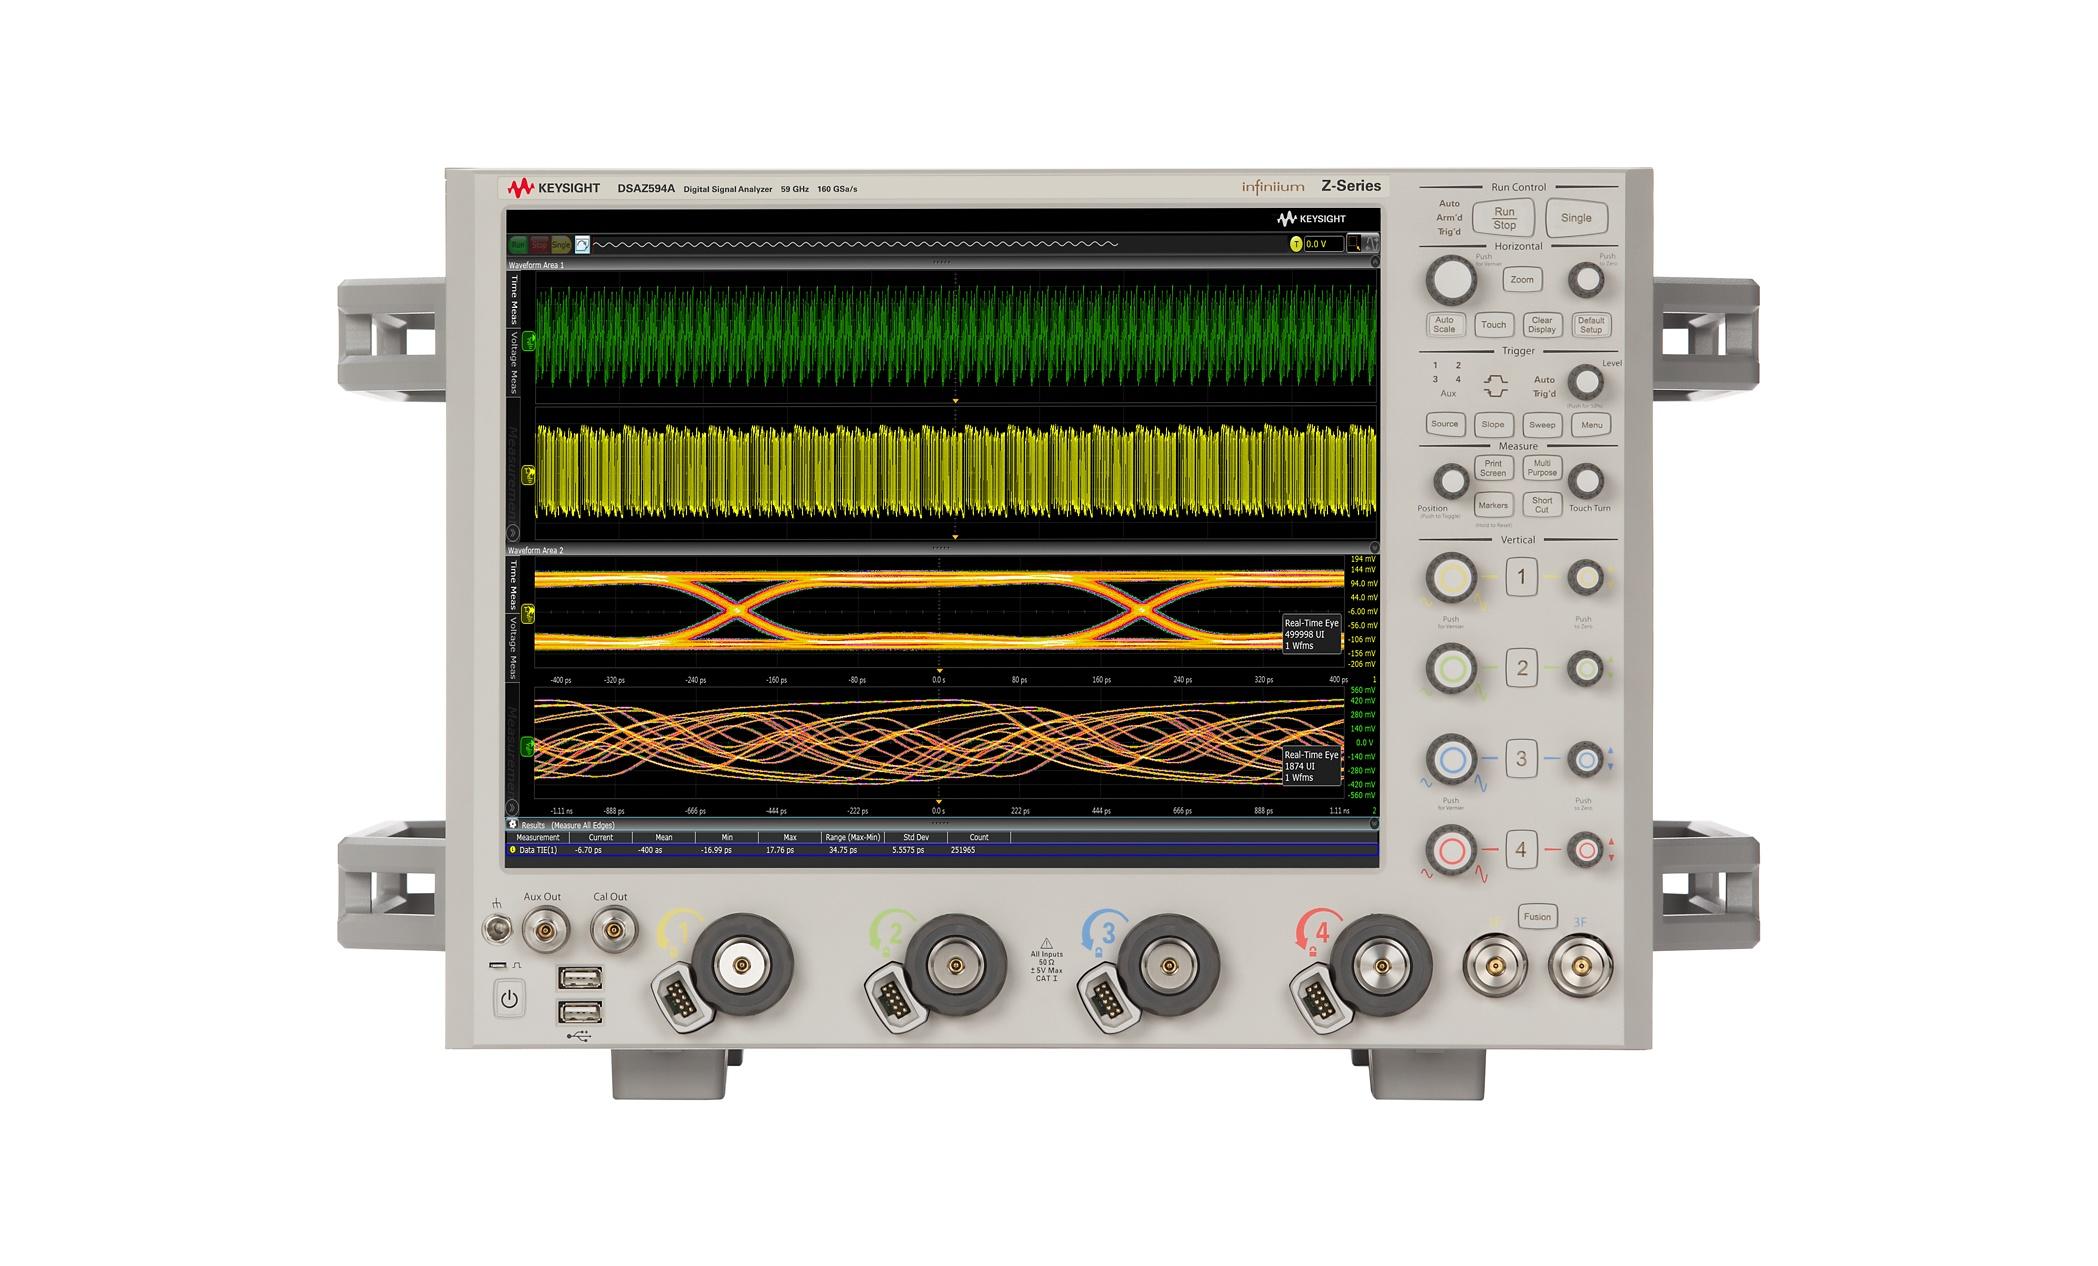 DSAZ594 Infiniium Osiloskop: 59 GHz